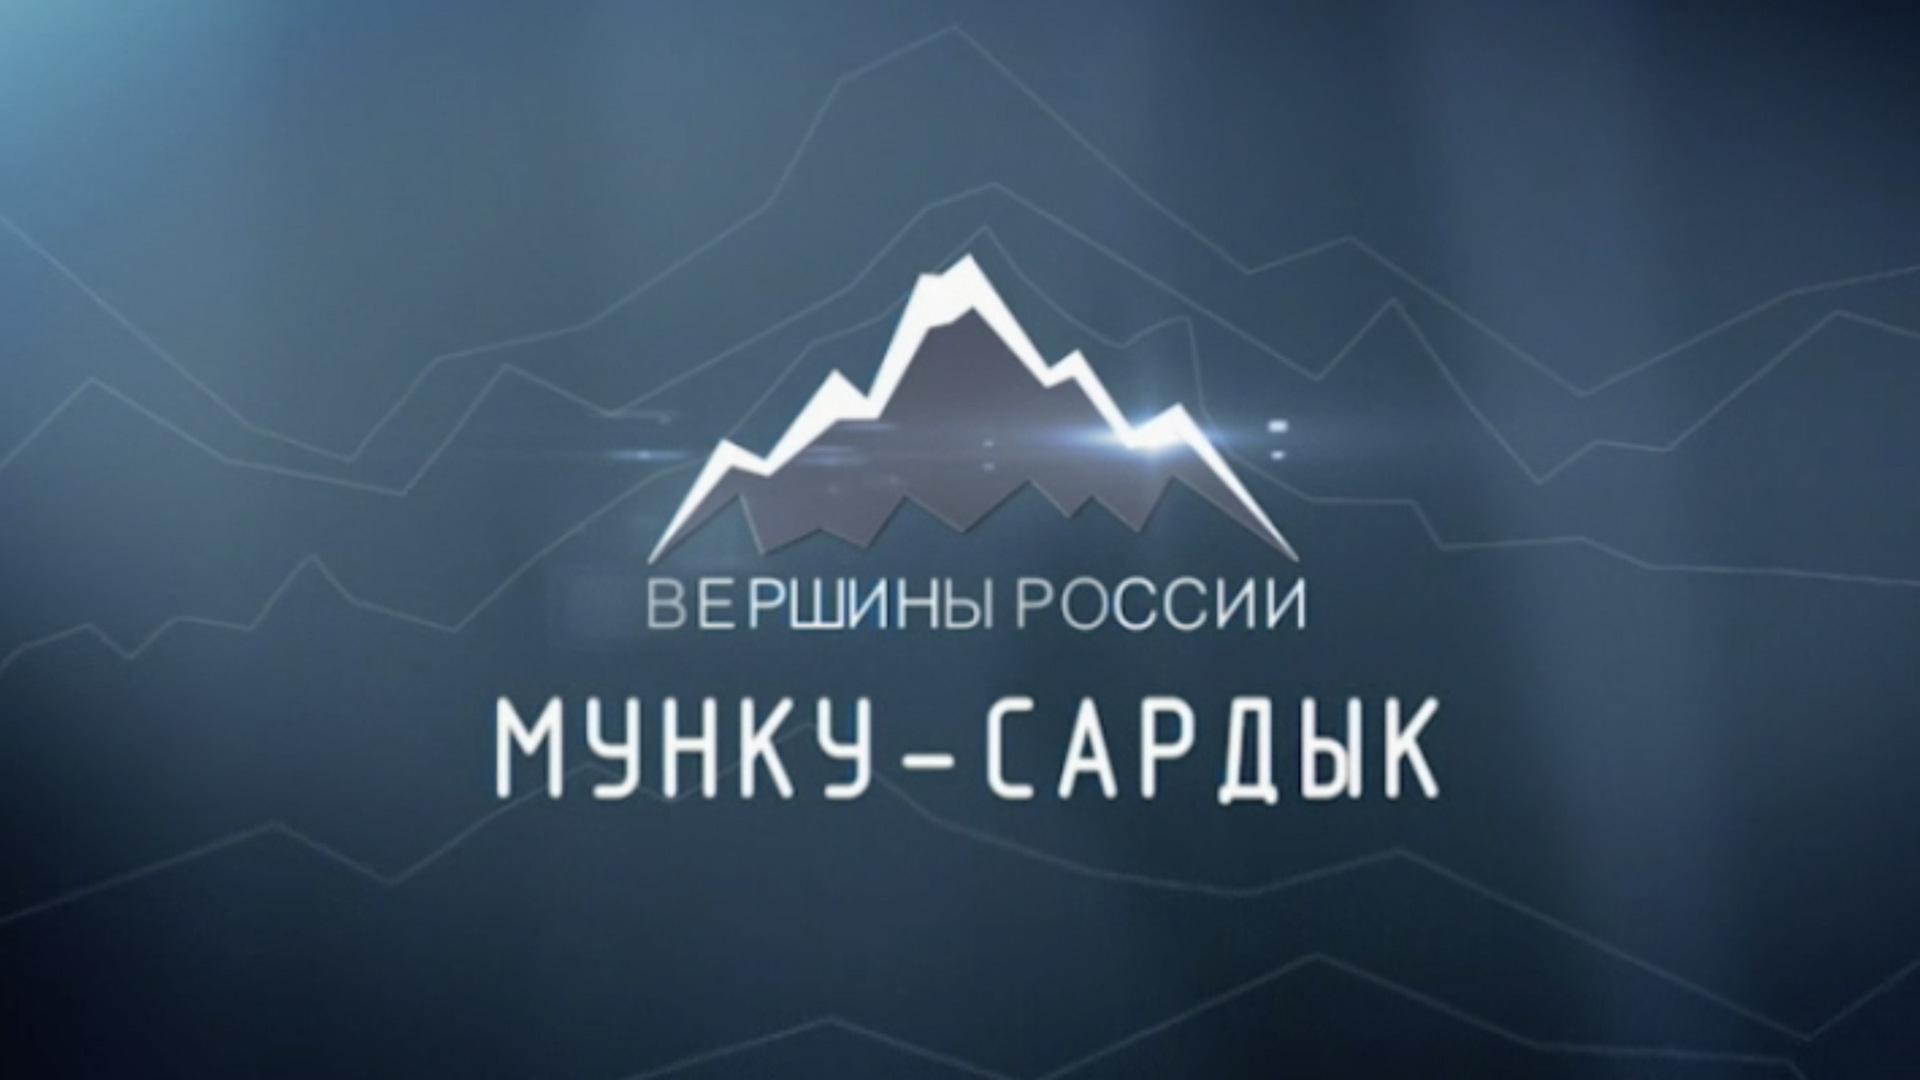 Вершины России